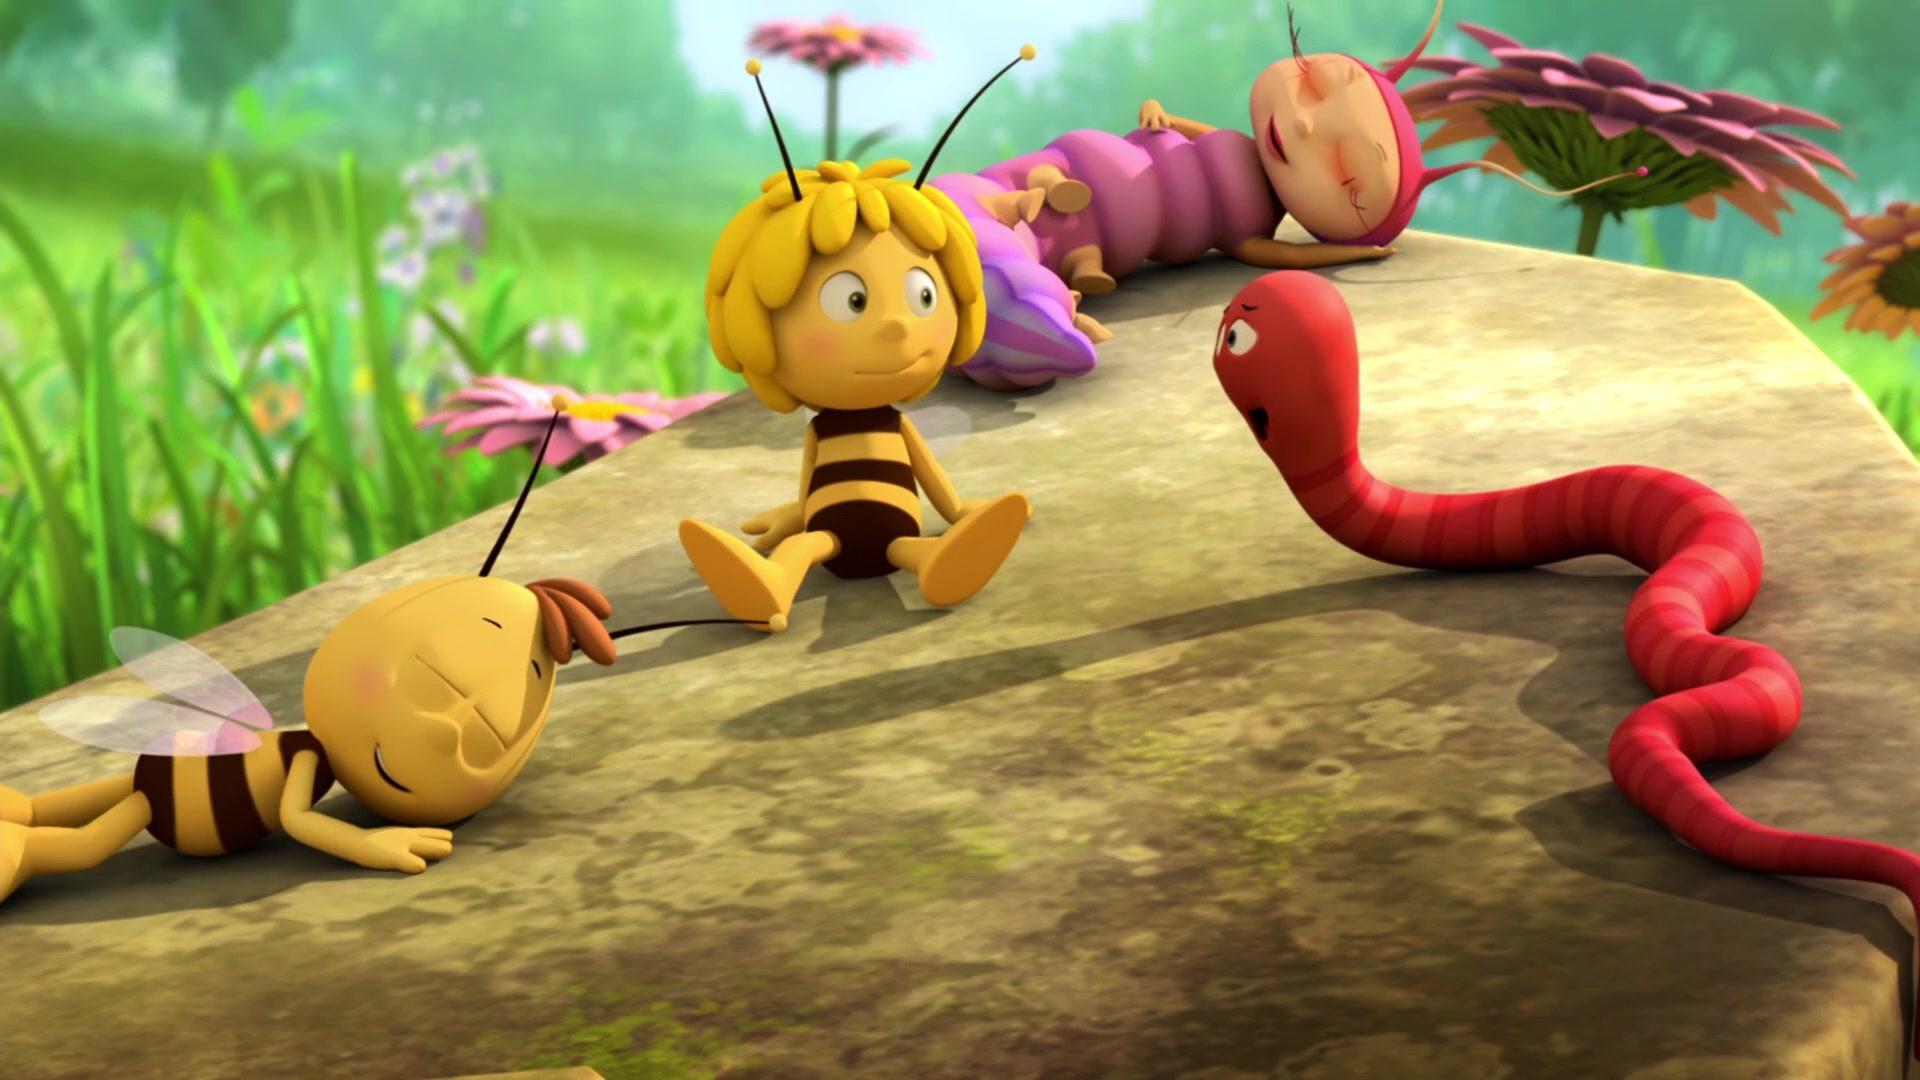 Пчелка Майя: Новые приключения / Земля и небо